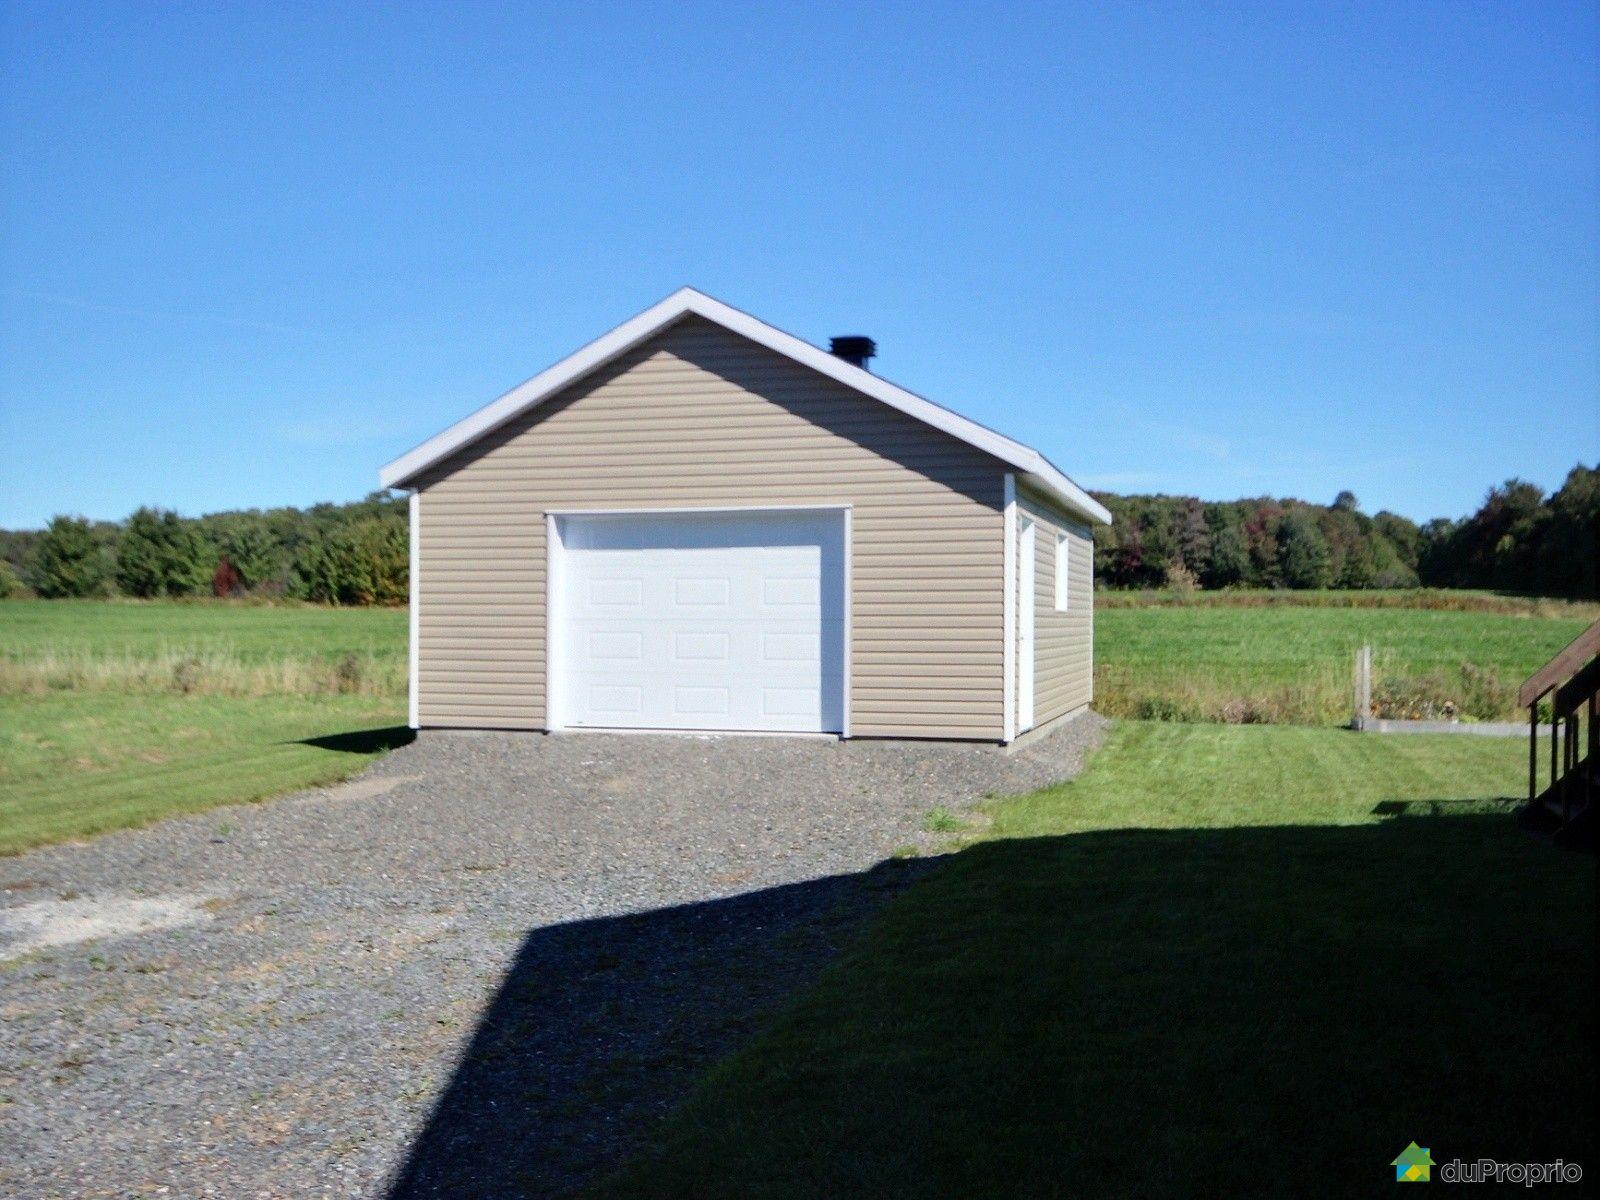 Garage st gervais re max trouvez rapidement une maison avec garage saint gervais vente garage - Vente garage particulier ...